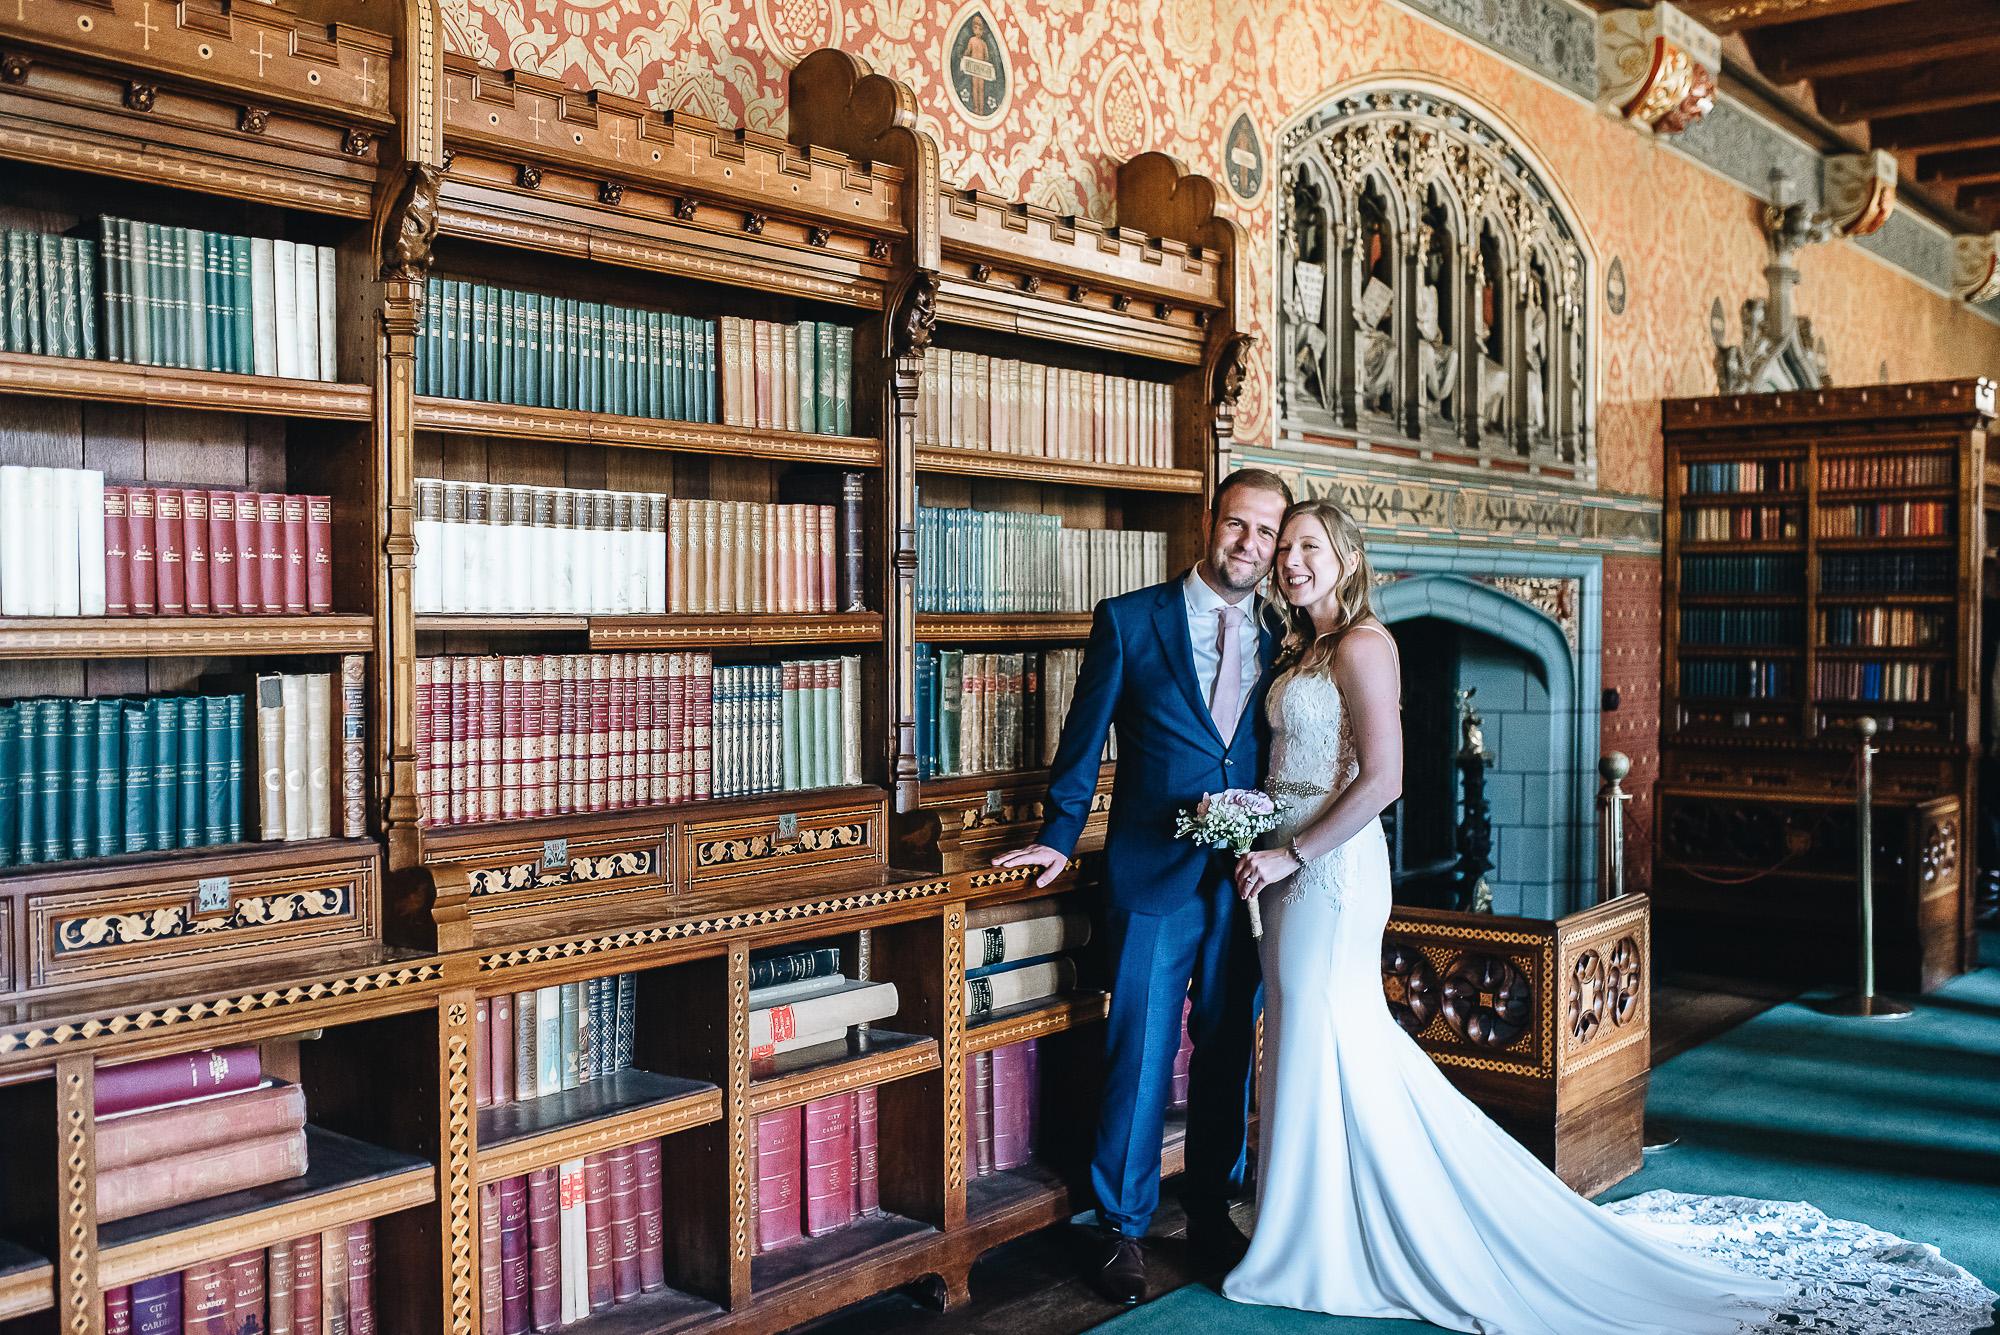 OurBeautifulAdventure-CardiffCastleWedding-Maddie&Joe-WeddingBlog-3.jpg